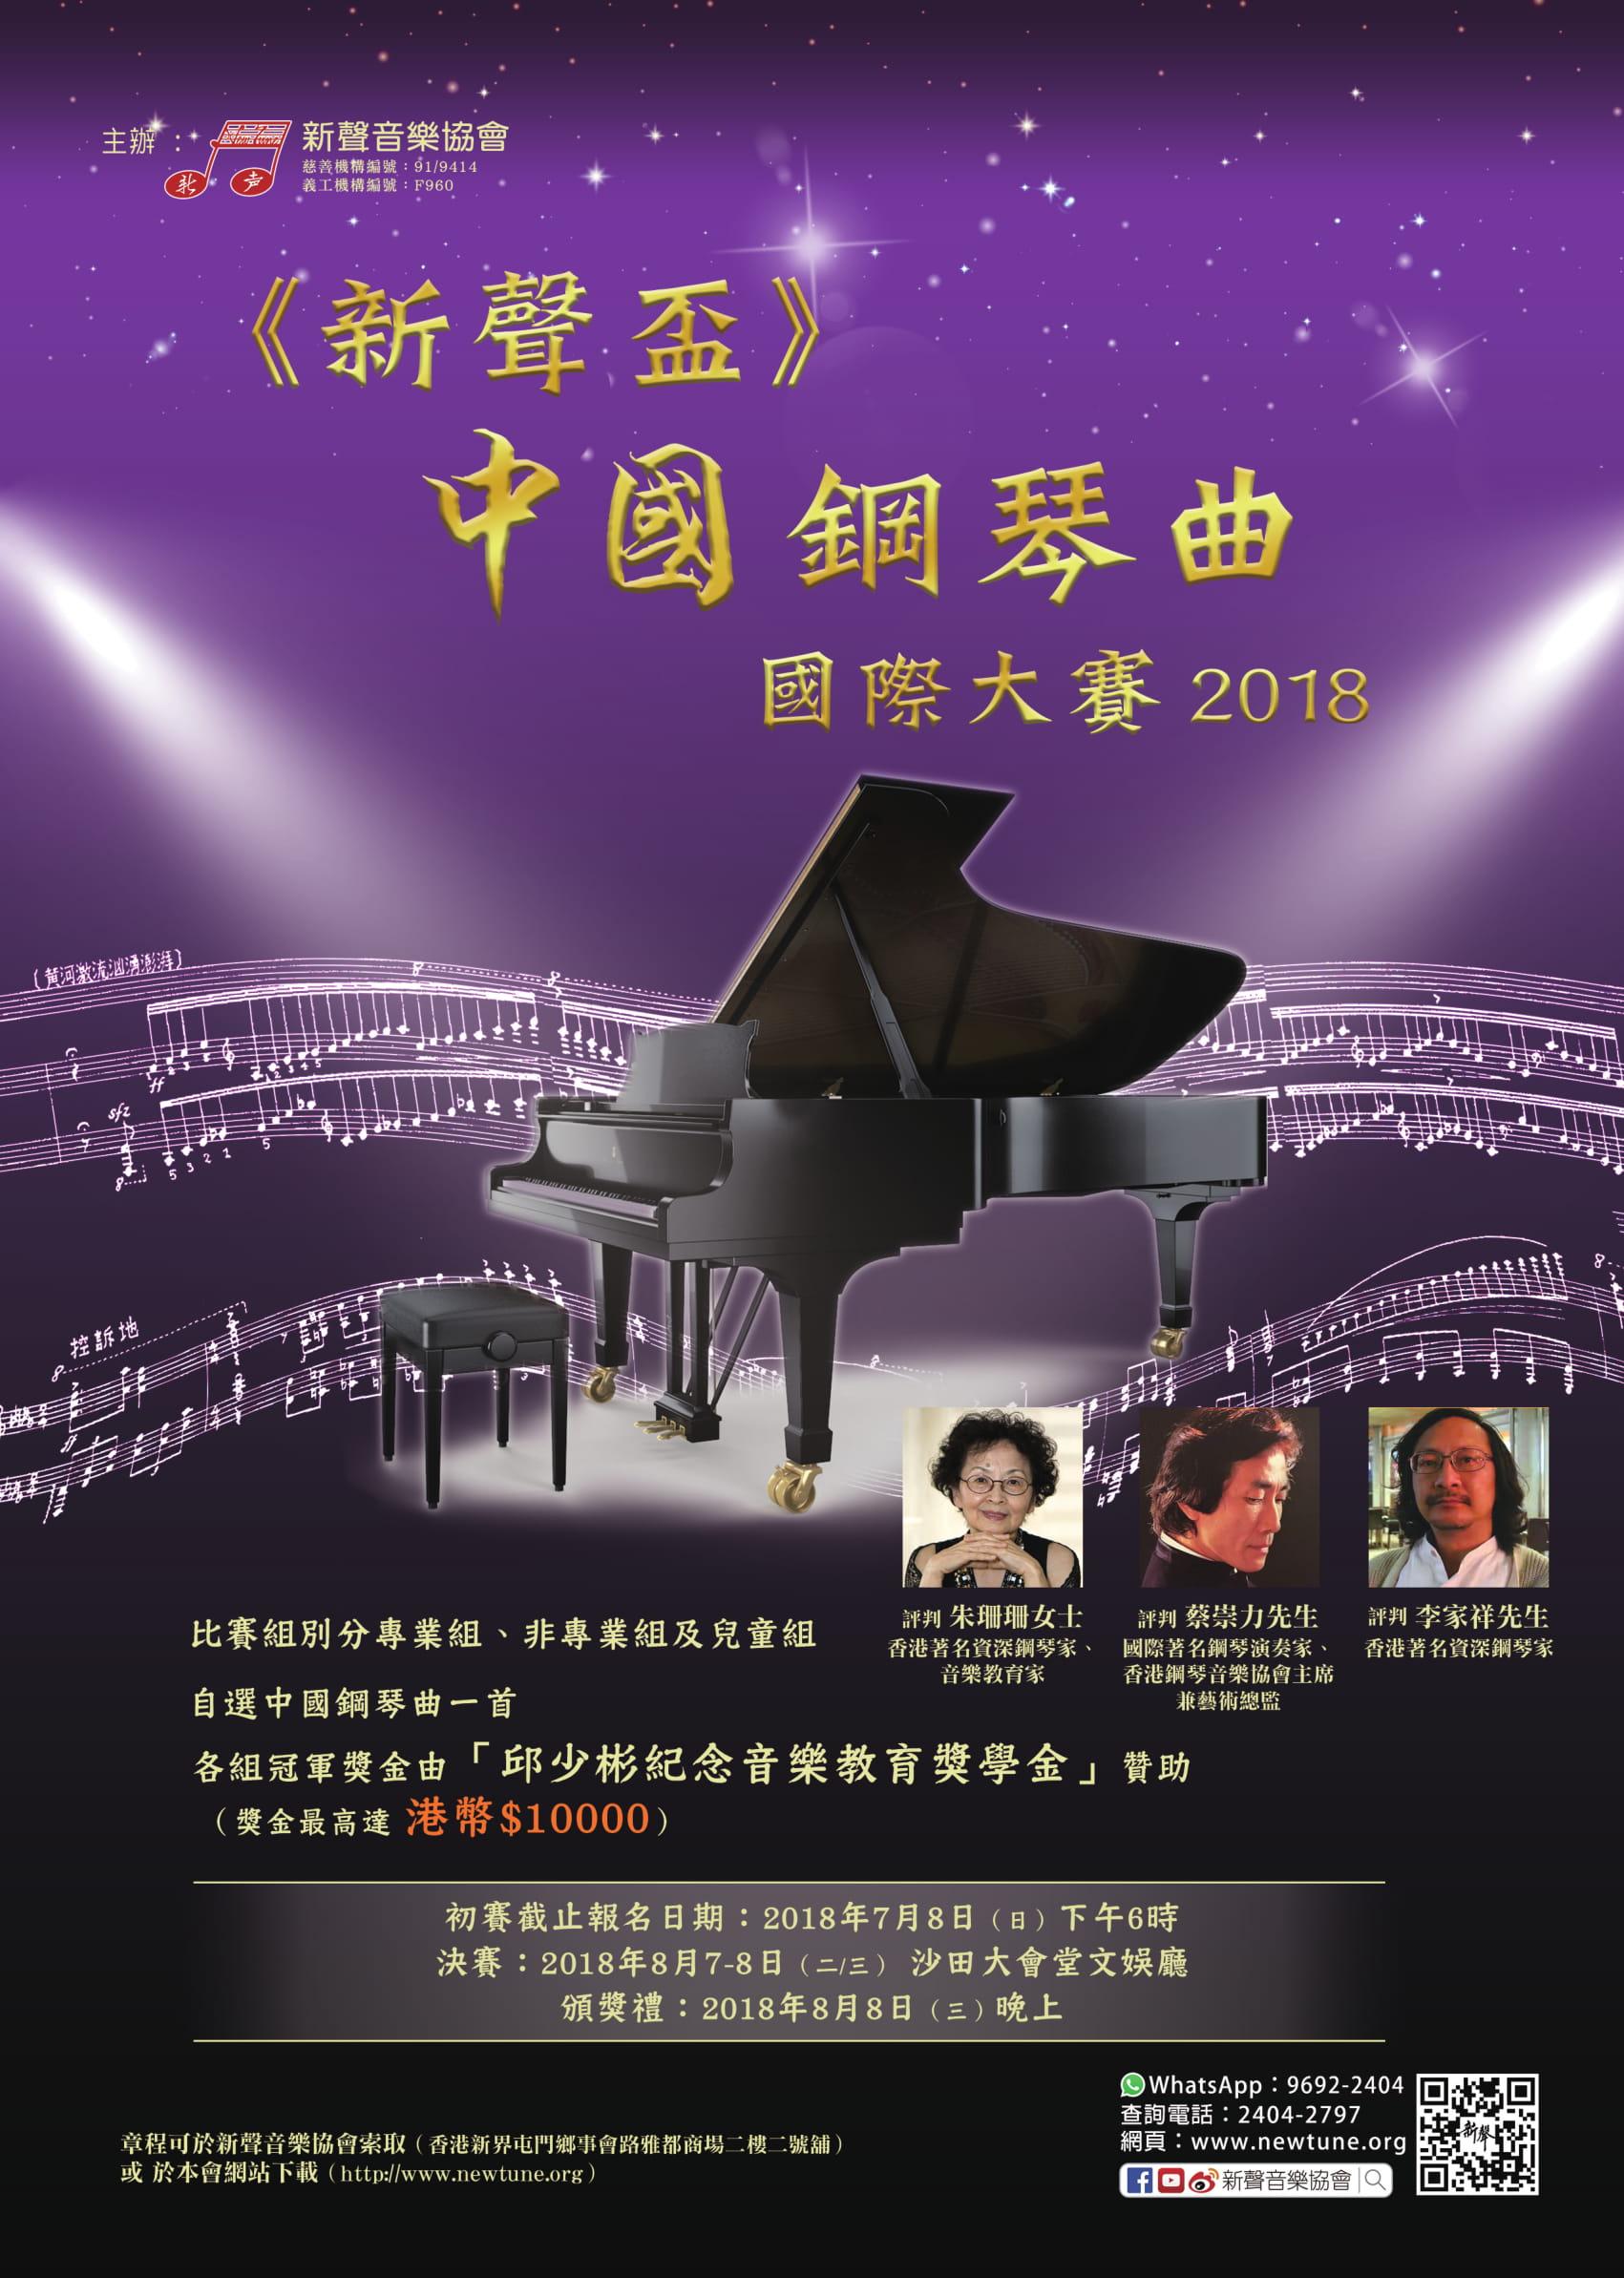 《新聲盃》中國鋼琴曲國際大賽 2018